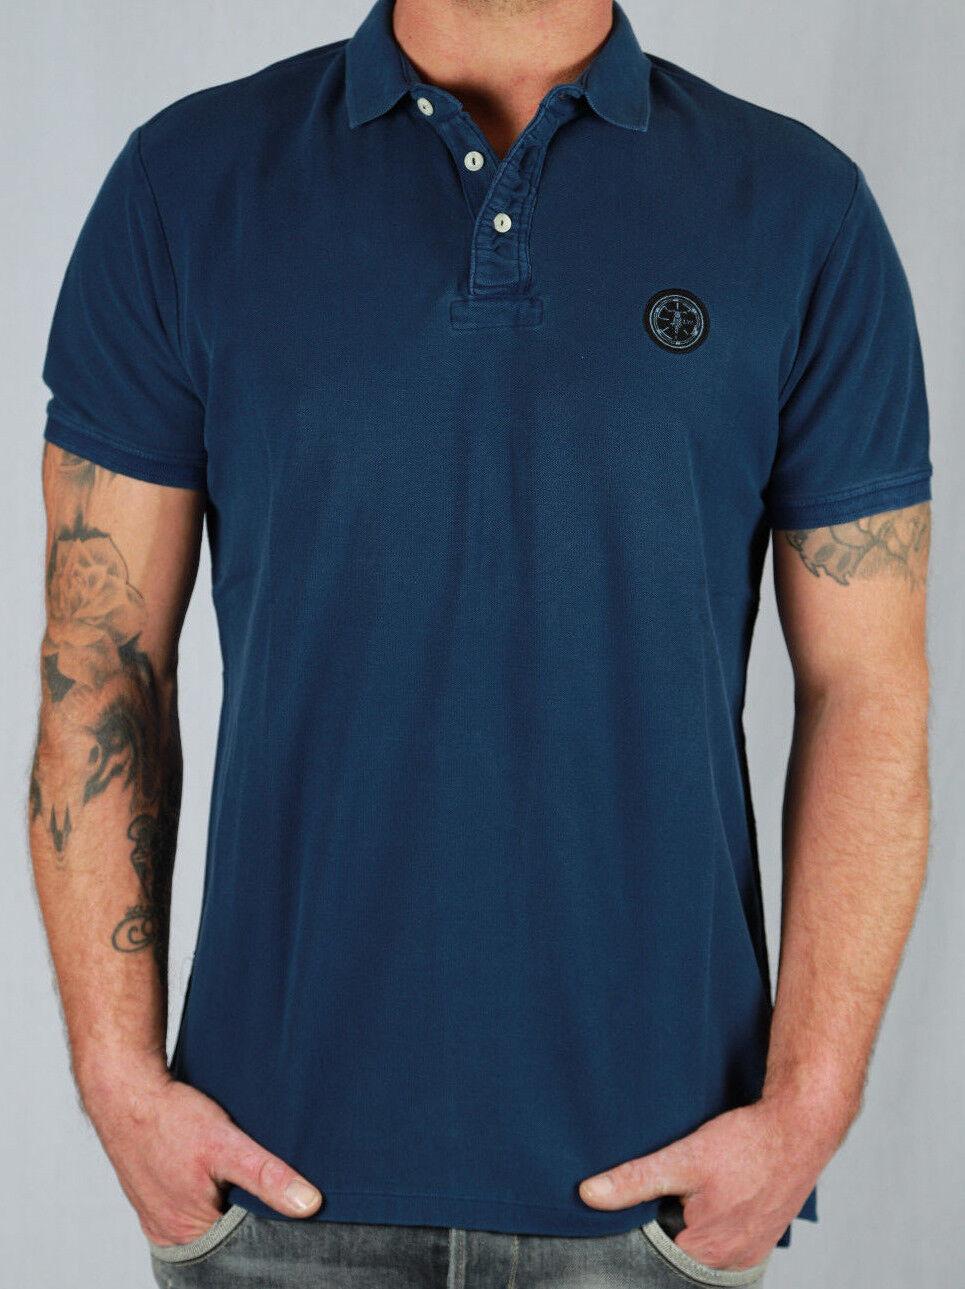 Le temps des Cerises Herren Poloshirt blau Gr. XL, XXL Sports&Lifestyle